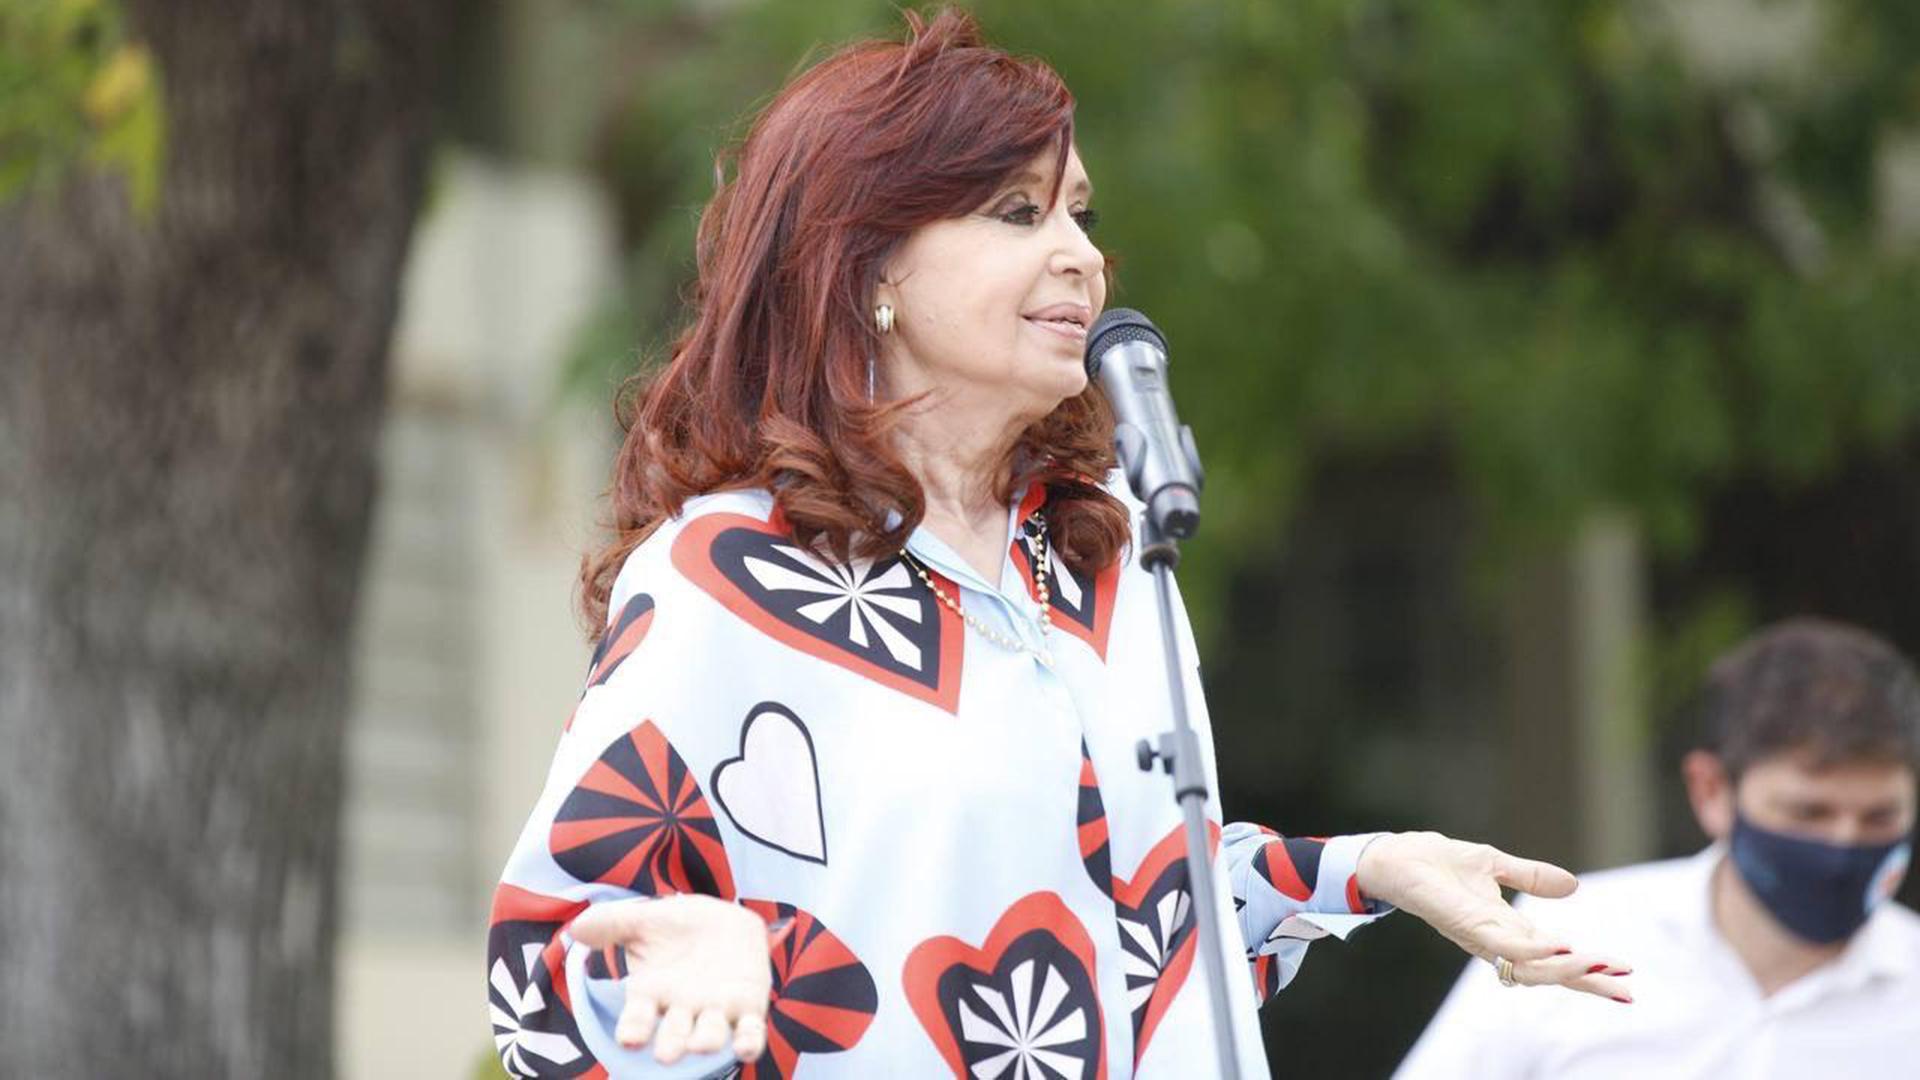 La justicia ordenó devolver a Cristina Kirchner la administración de Los Sauces, Hotesur y otras sociedades